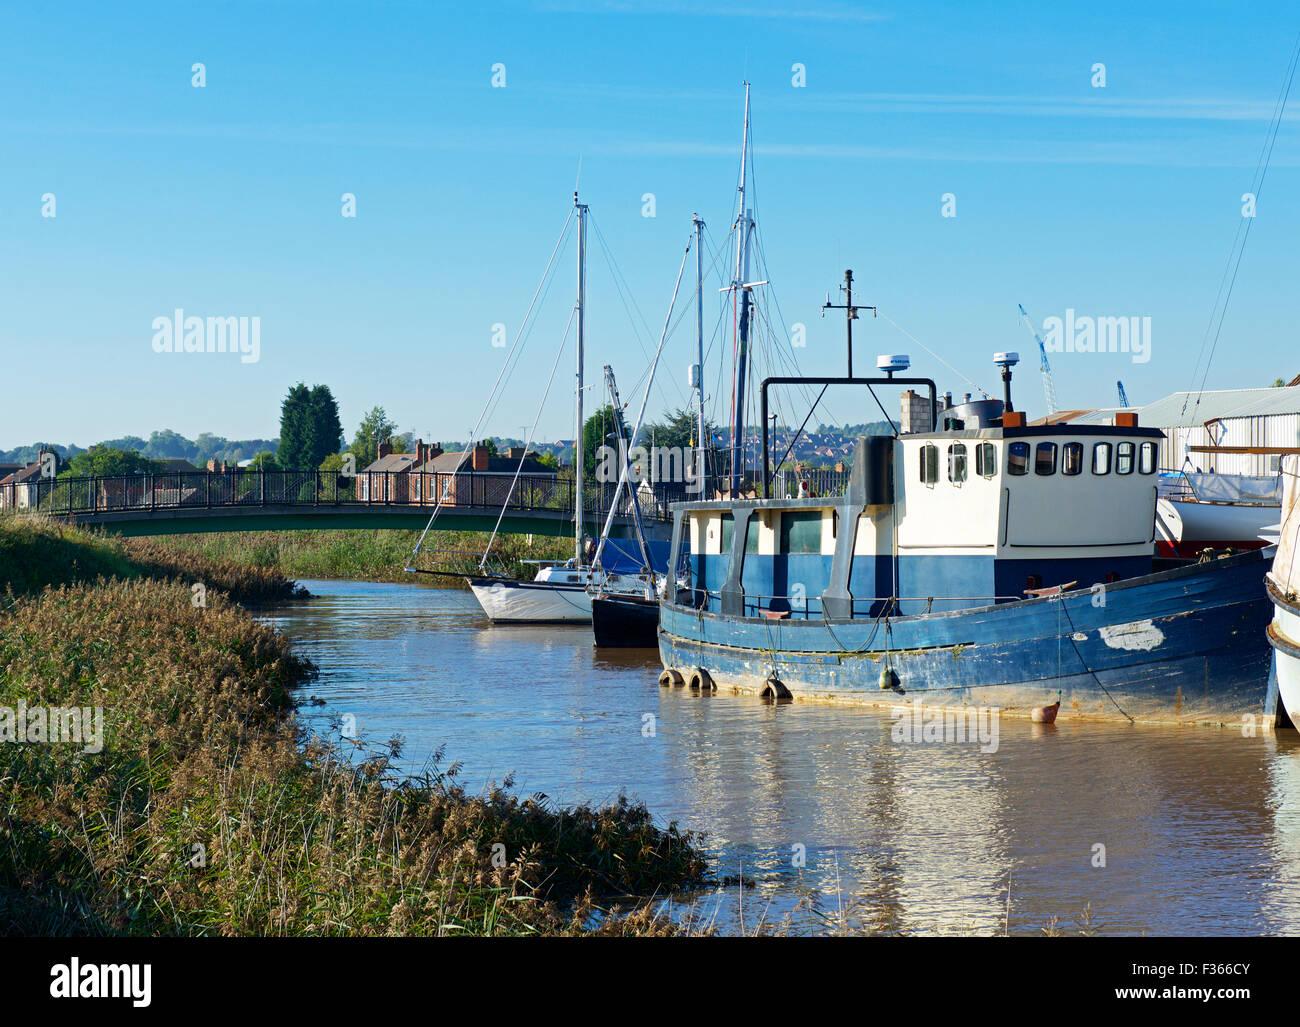 Boats moored at Barton Haven Boatyard, Barton upon Humber, North Lincolnshire, England UK - Stock Image